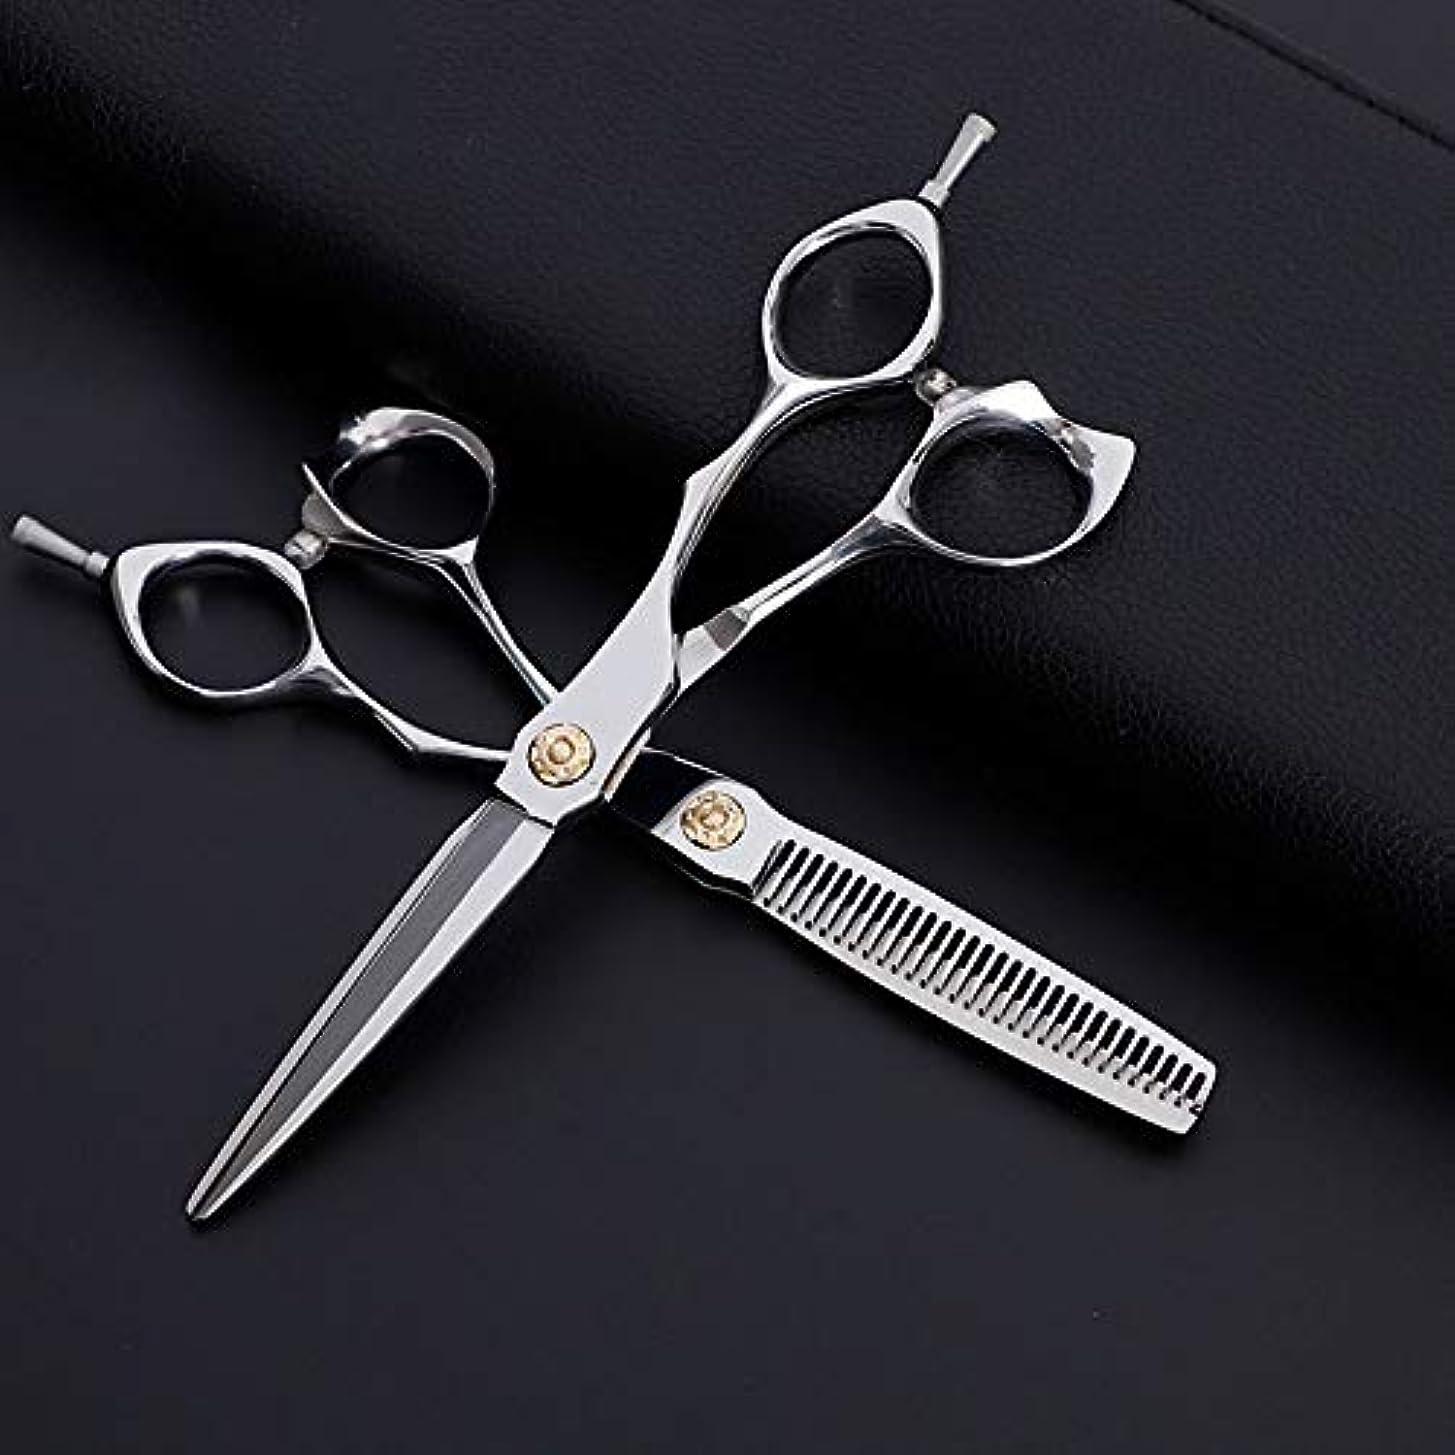 紀元前圧縮するブリリアントBOBIDYEE 6インチ美容院プロフェッショナルなヘアカットフラット+歯はさみセット、クラシック斜めハンドル理髪はさみヘアカット鋏ステンレス理髪はさみ (色 : Silver)